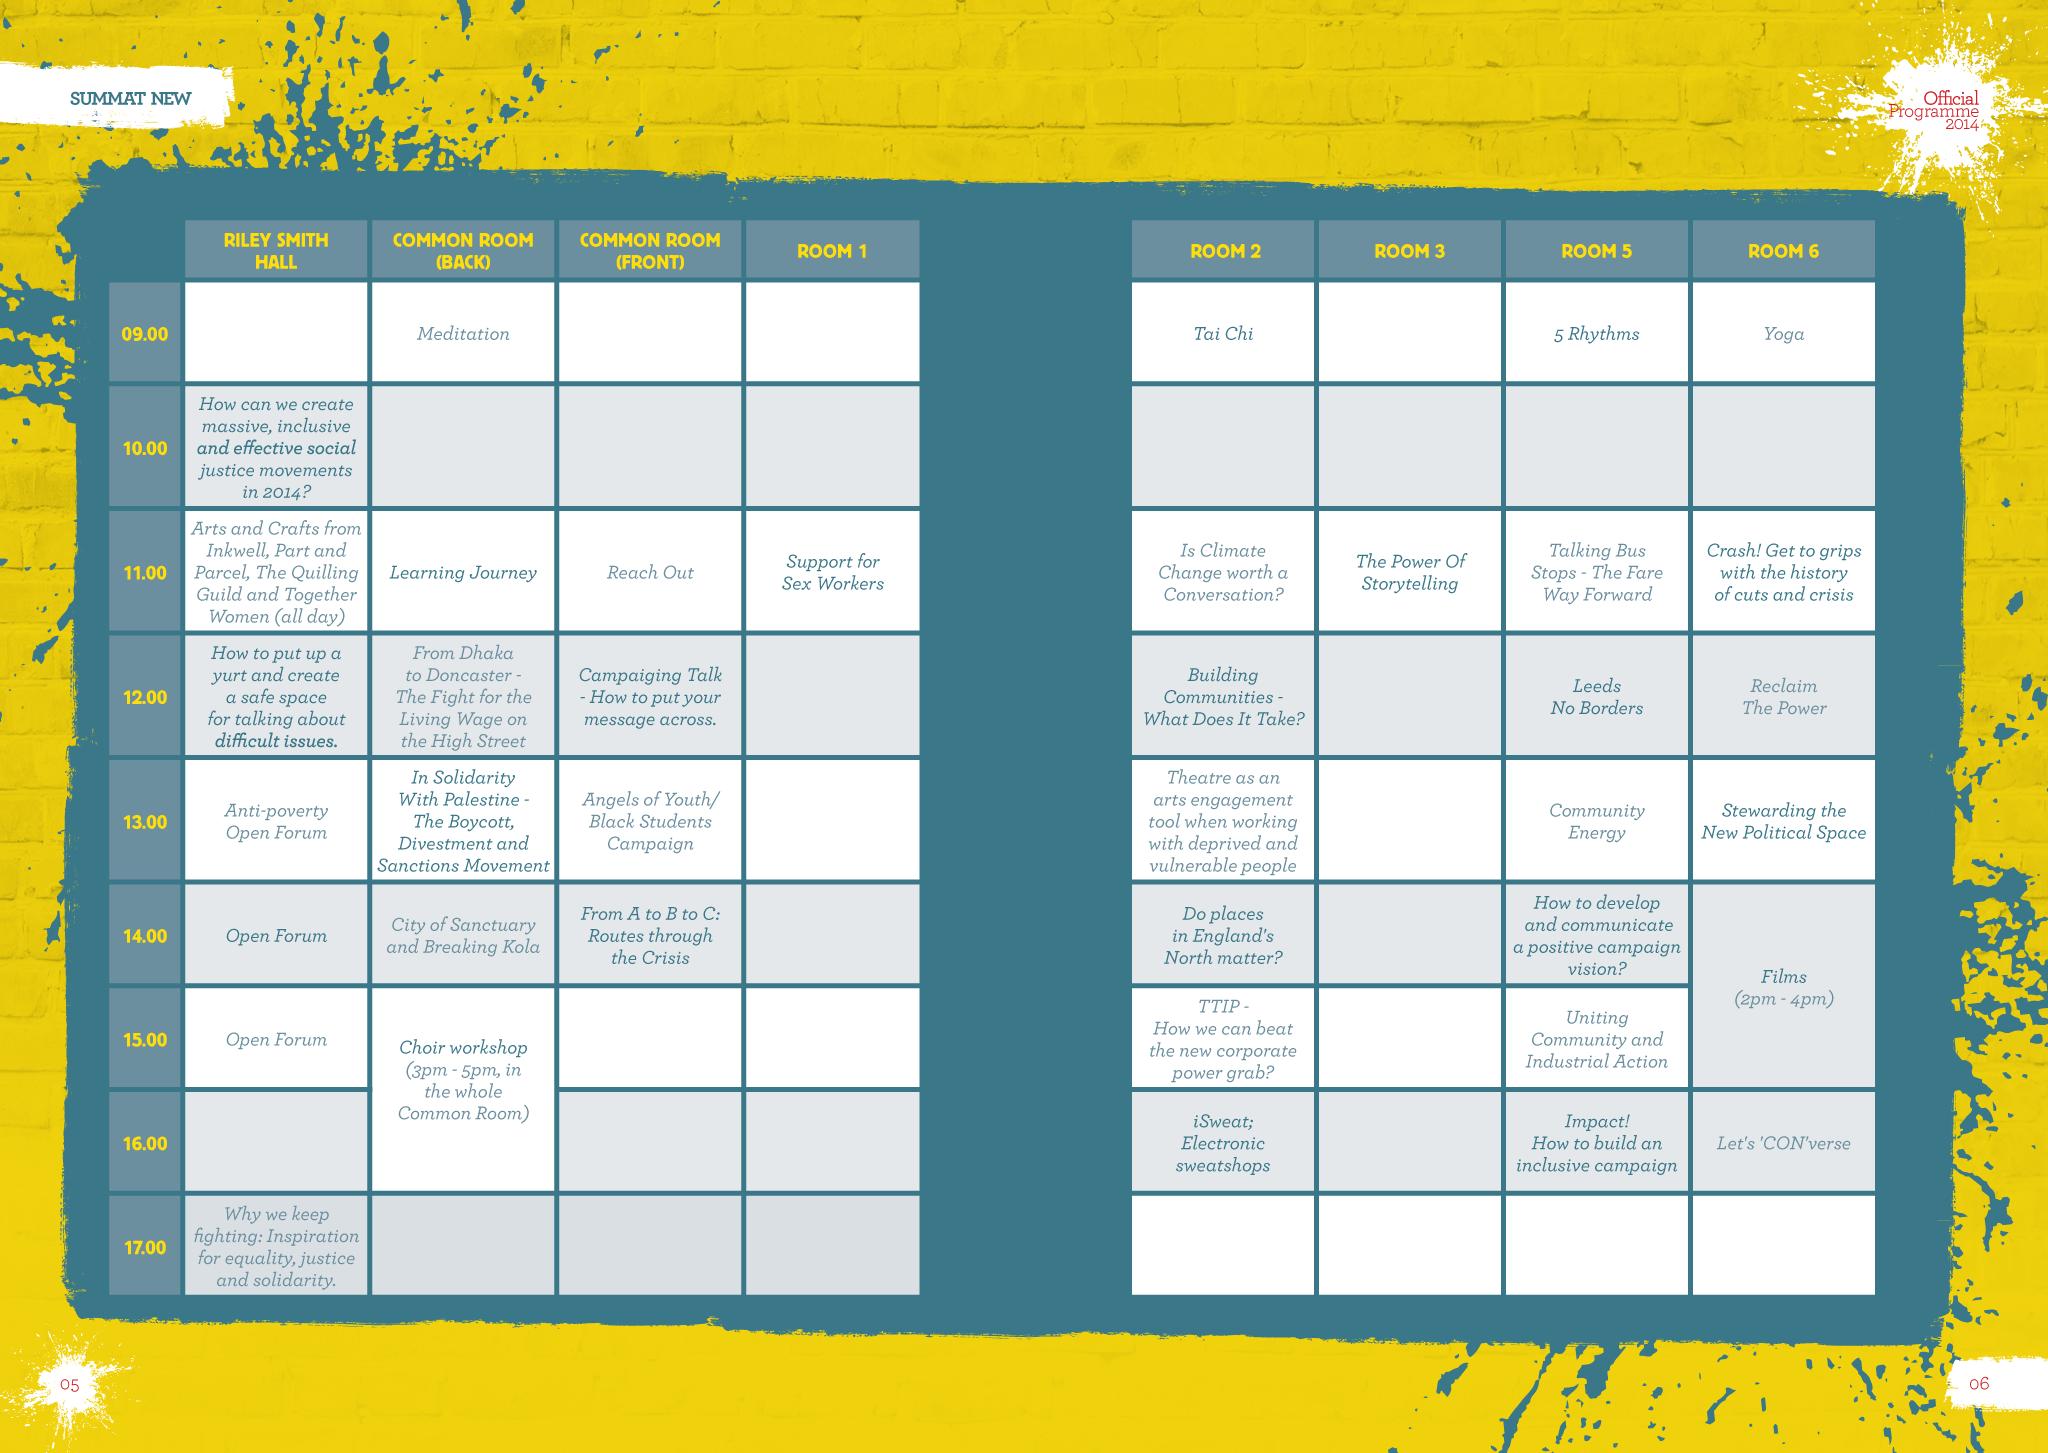 summat-new_programme_timetable